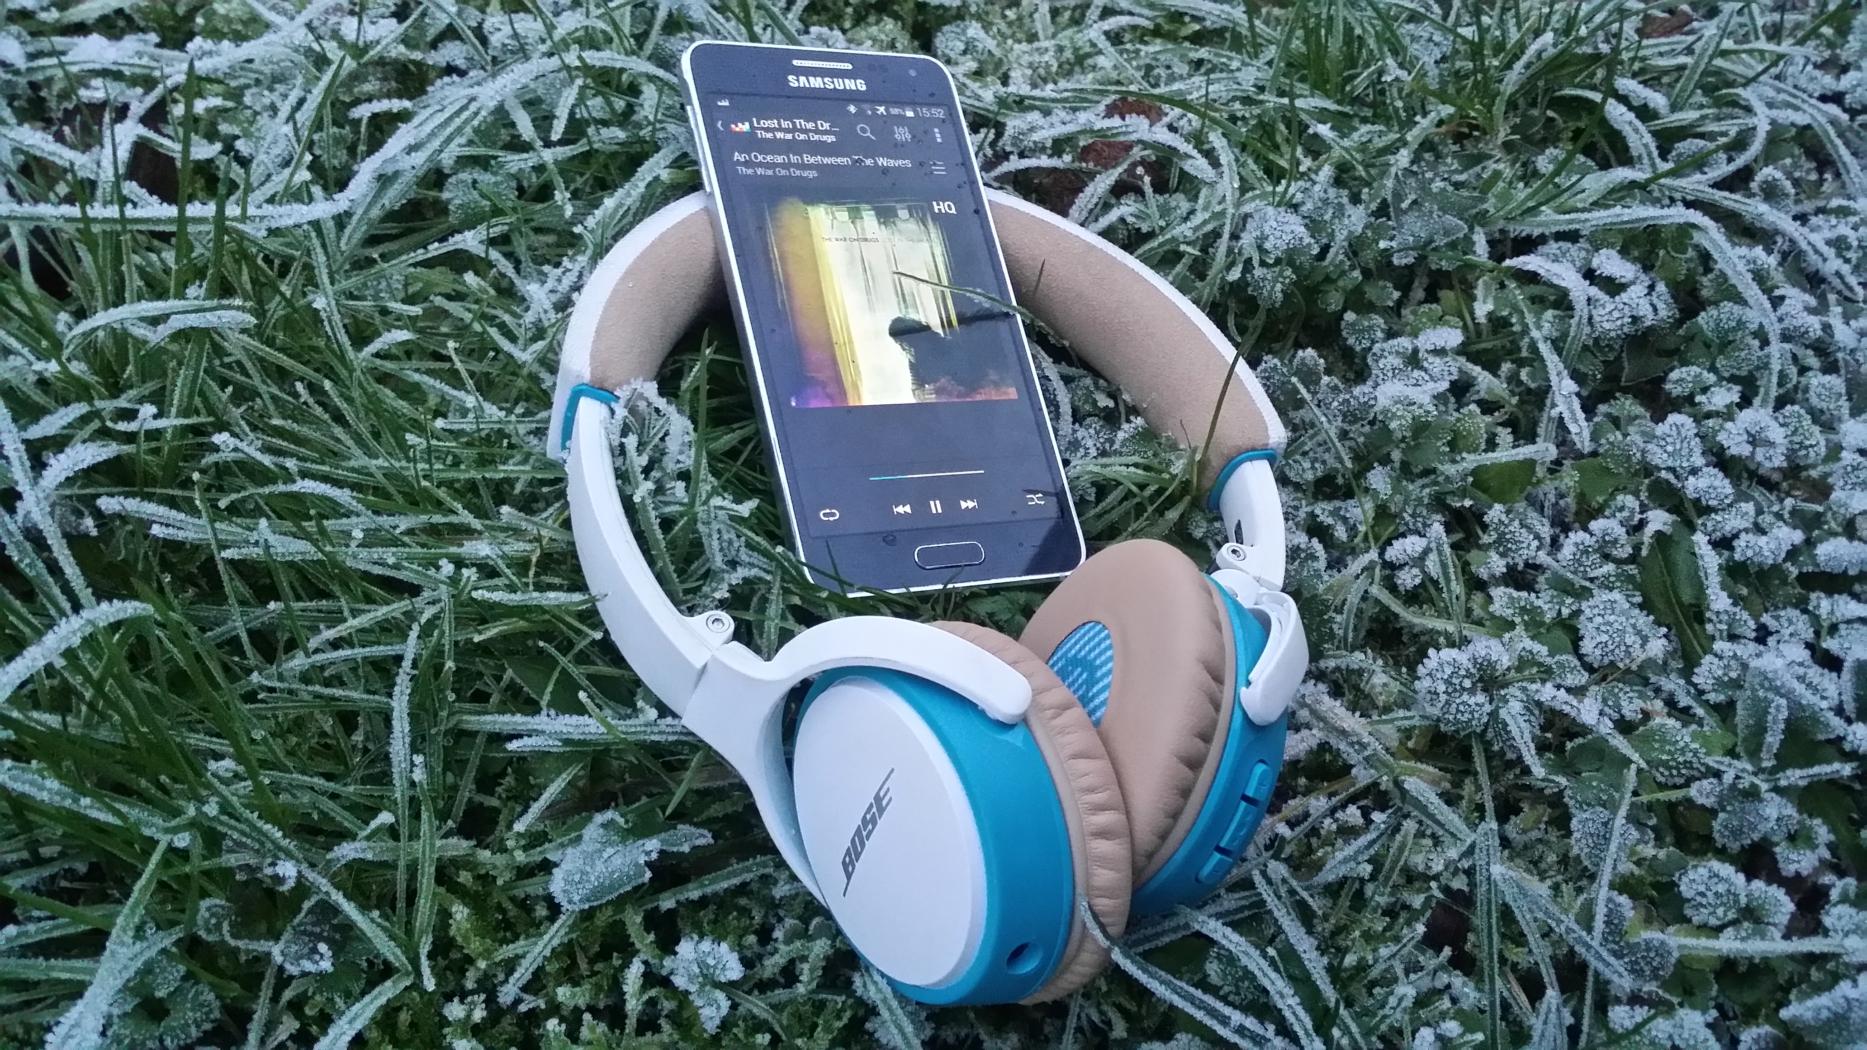 Te bezprzewodowe słuchawki Bose oprócz jakością i baterią zachwyciły mnie też estetyką